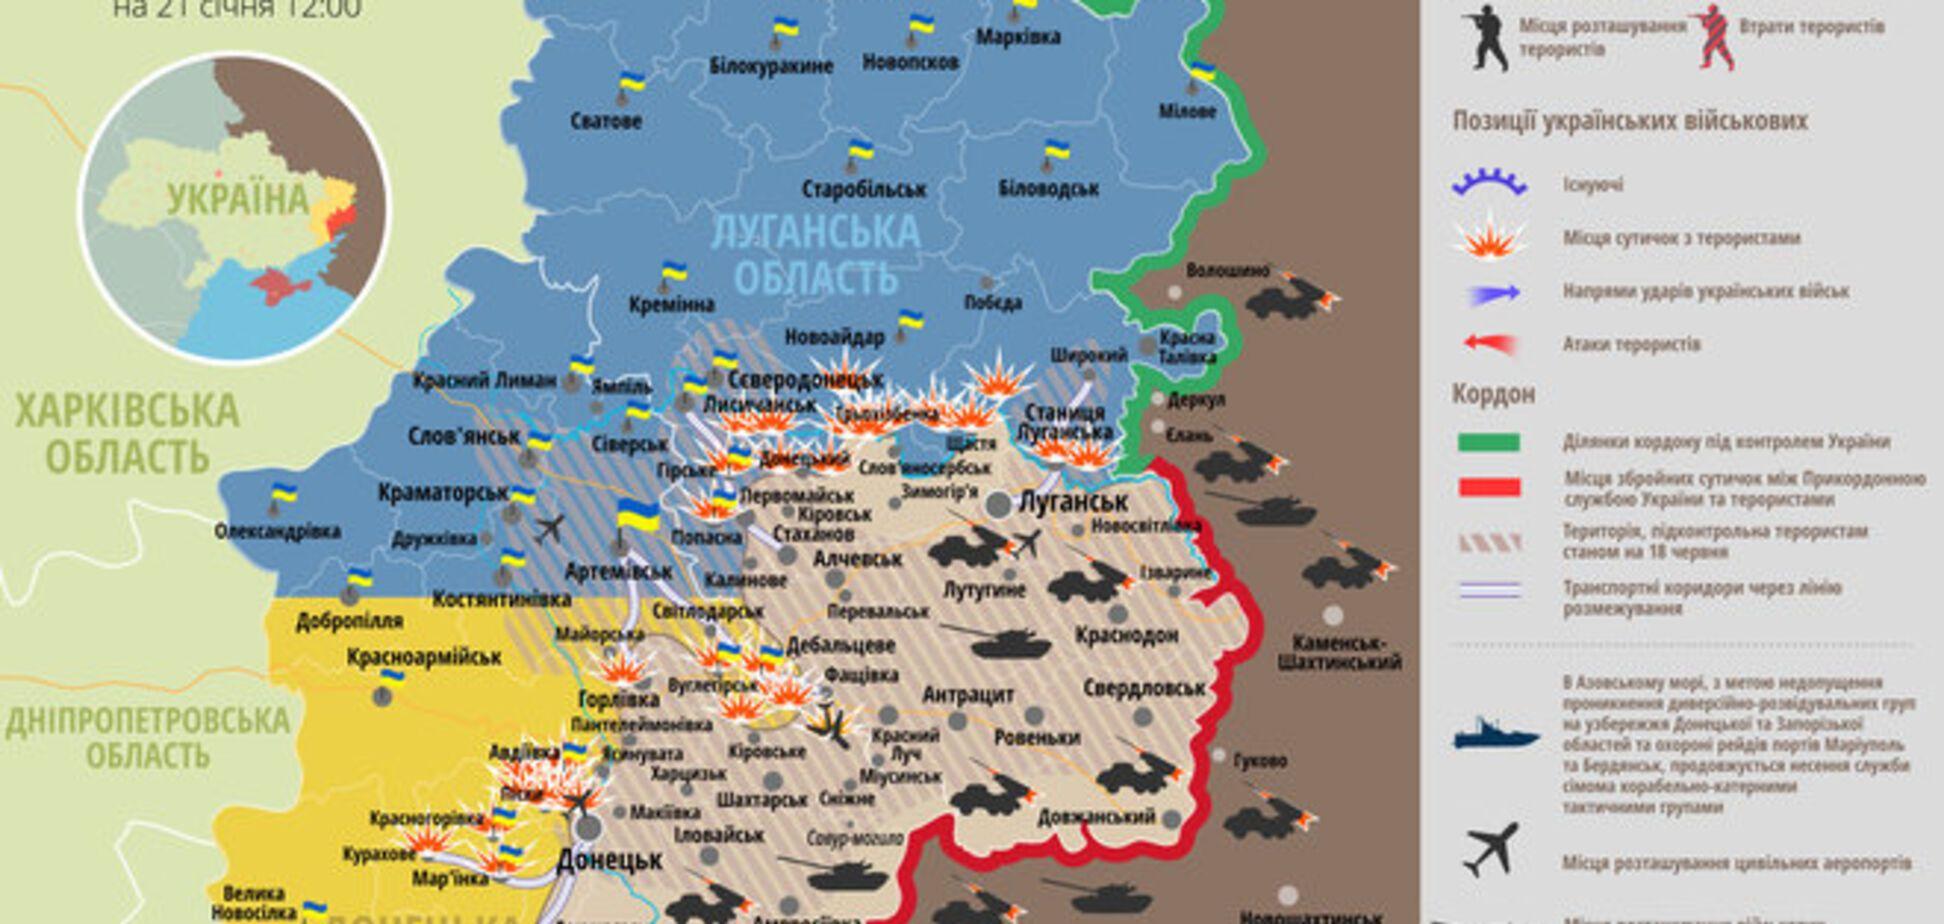 Из-за огромных потерь на Донбассе Россия стягивает новые силы: карта АТО